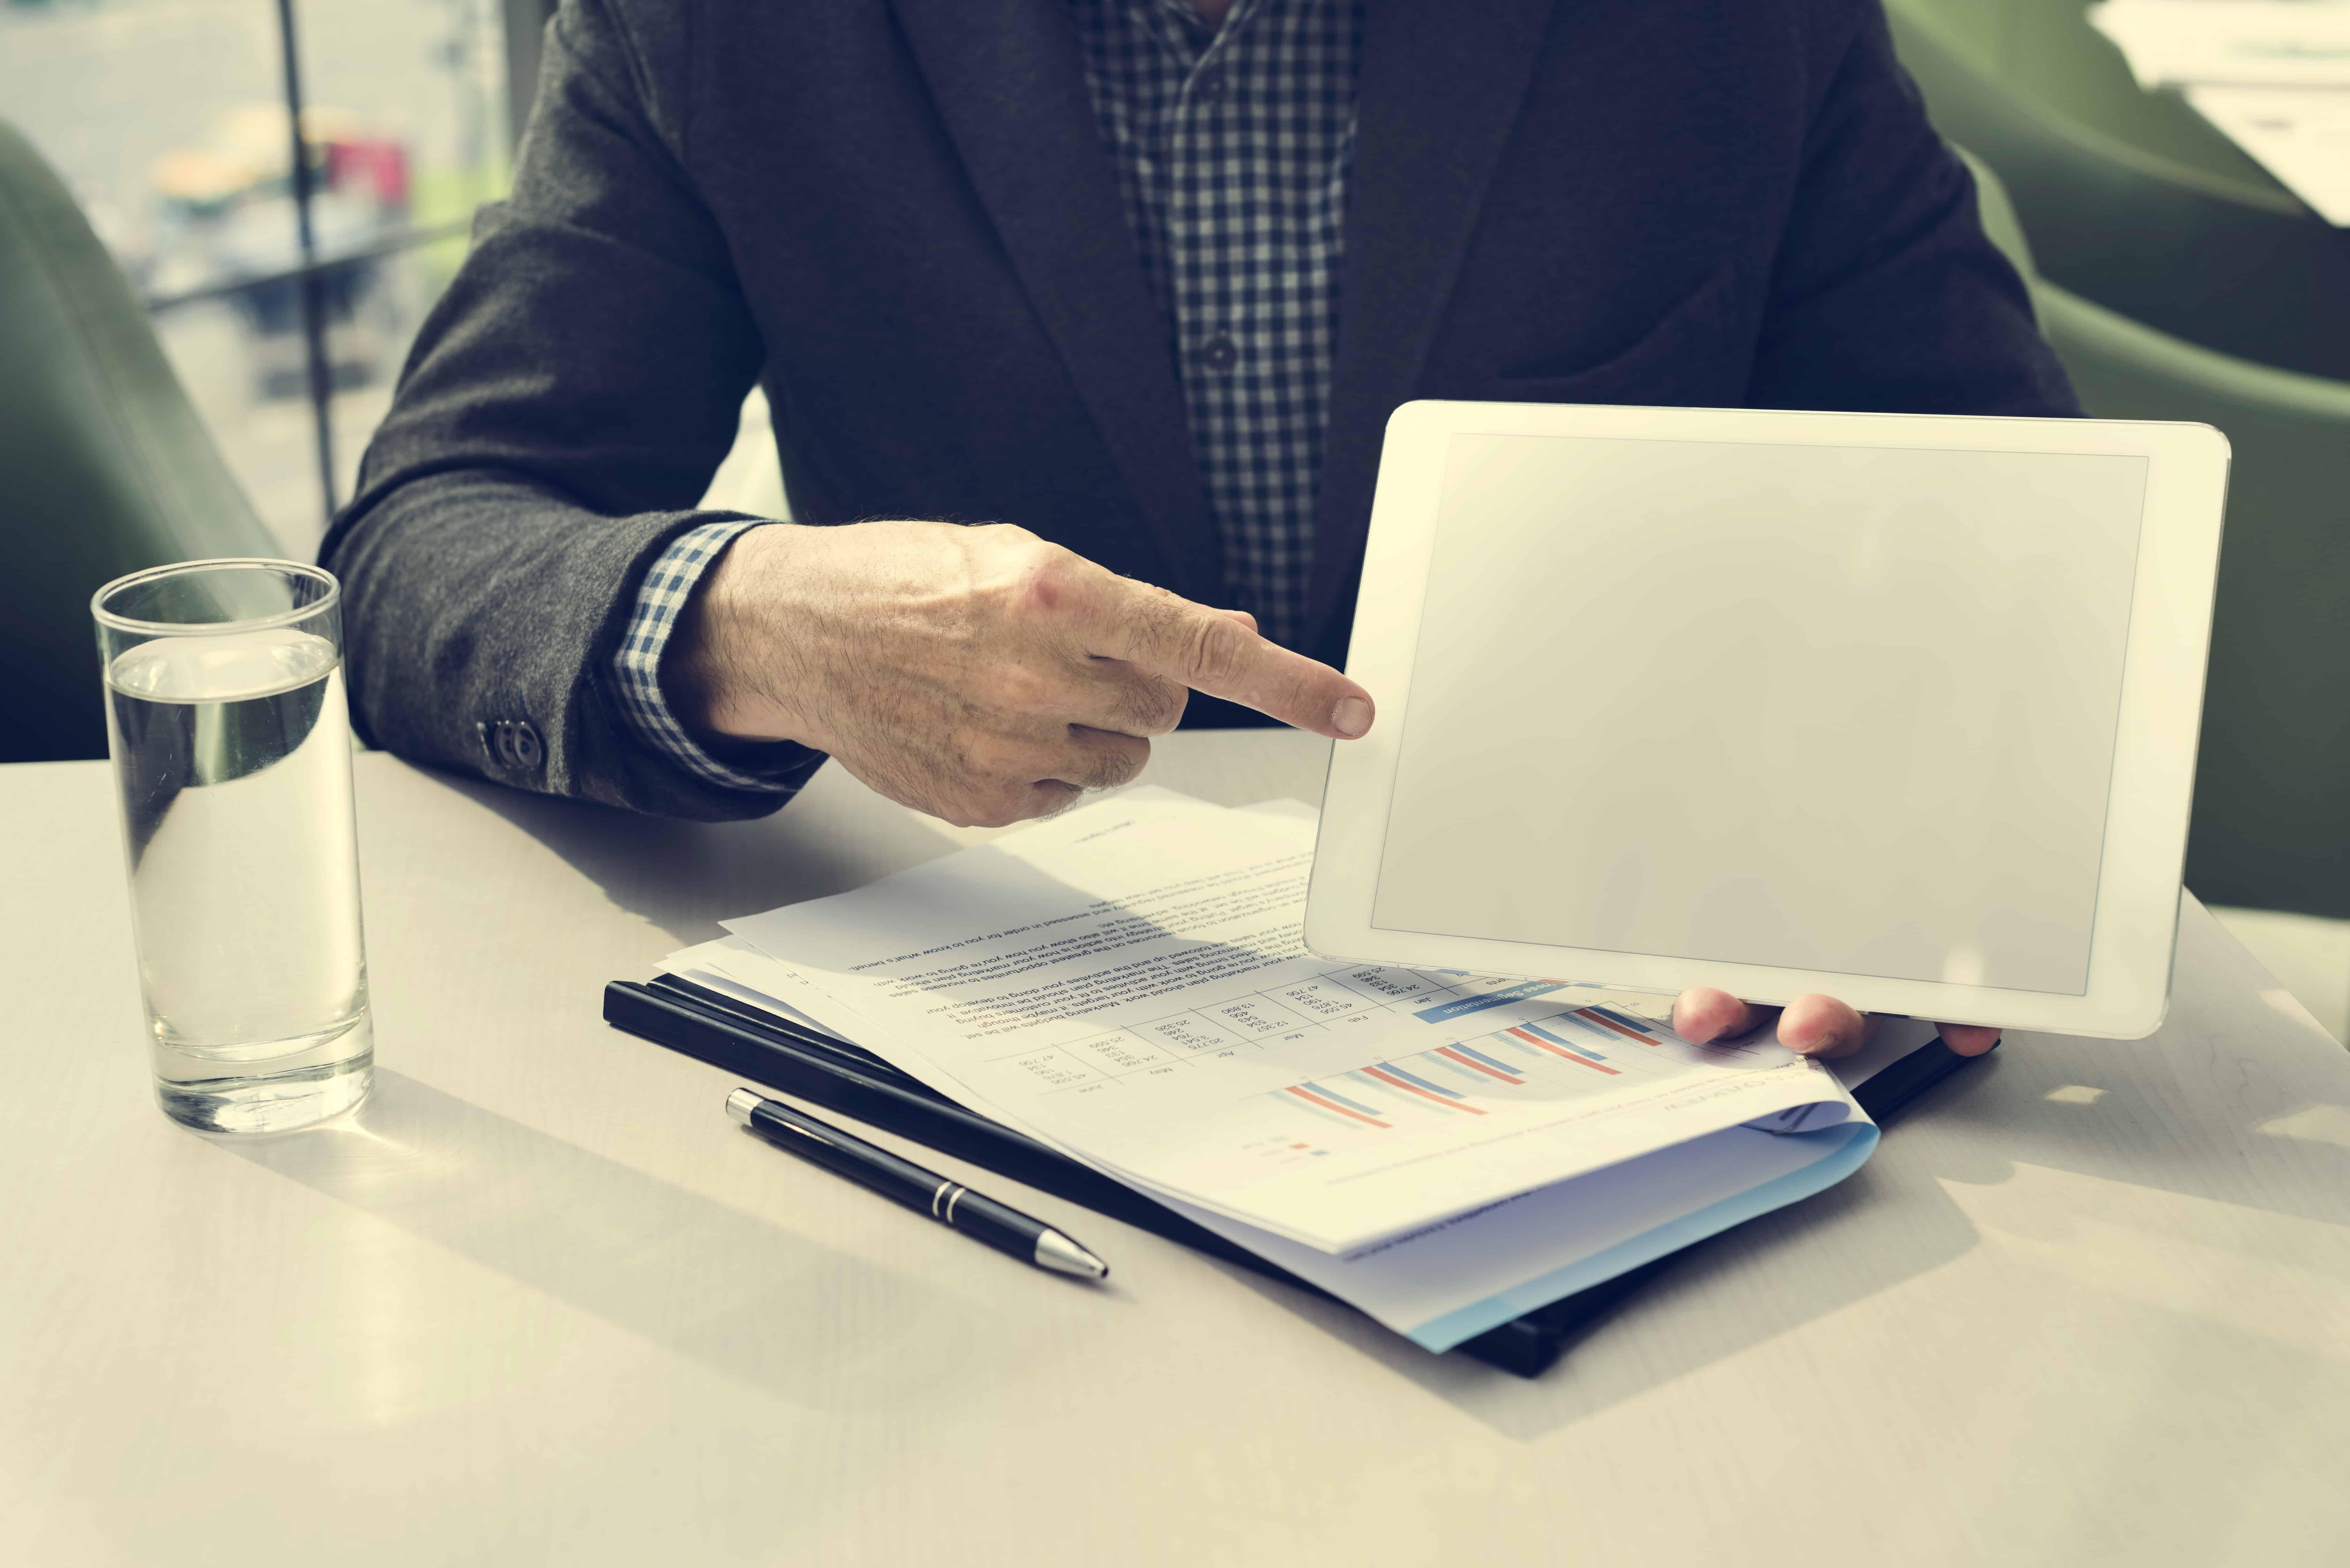 ביטוח אחריות מקצועית – כיצד לבחור את הביטוח הנכון